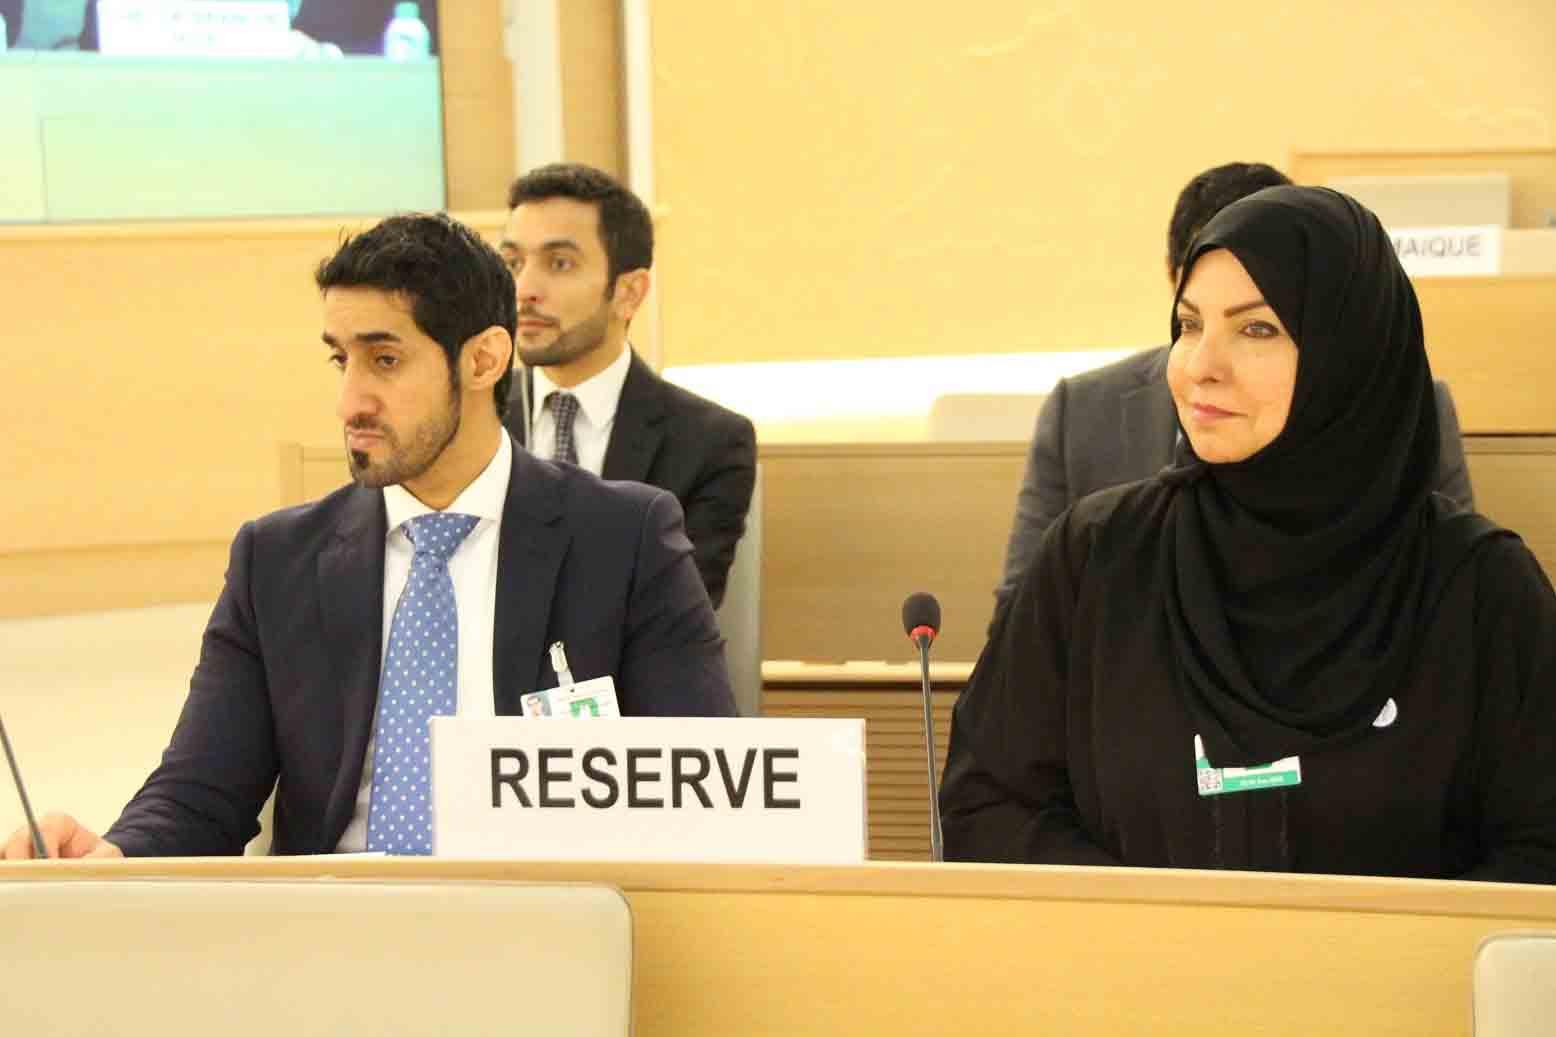 الإمارات تقدم تقريرها الوطني الثالث في إطار الاستعراض الدوري الشامل لحقوق الإنسان في جنيف 4